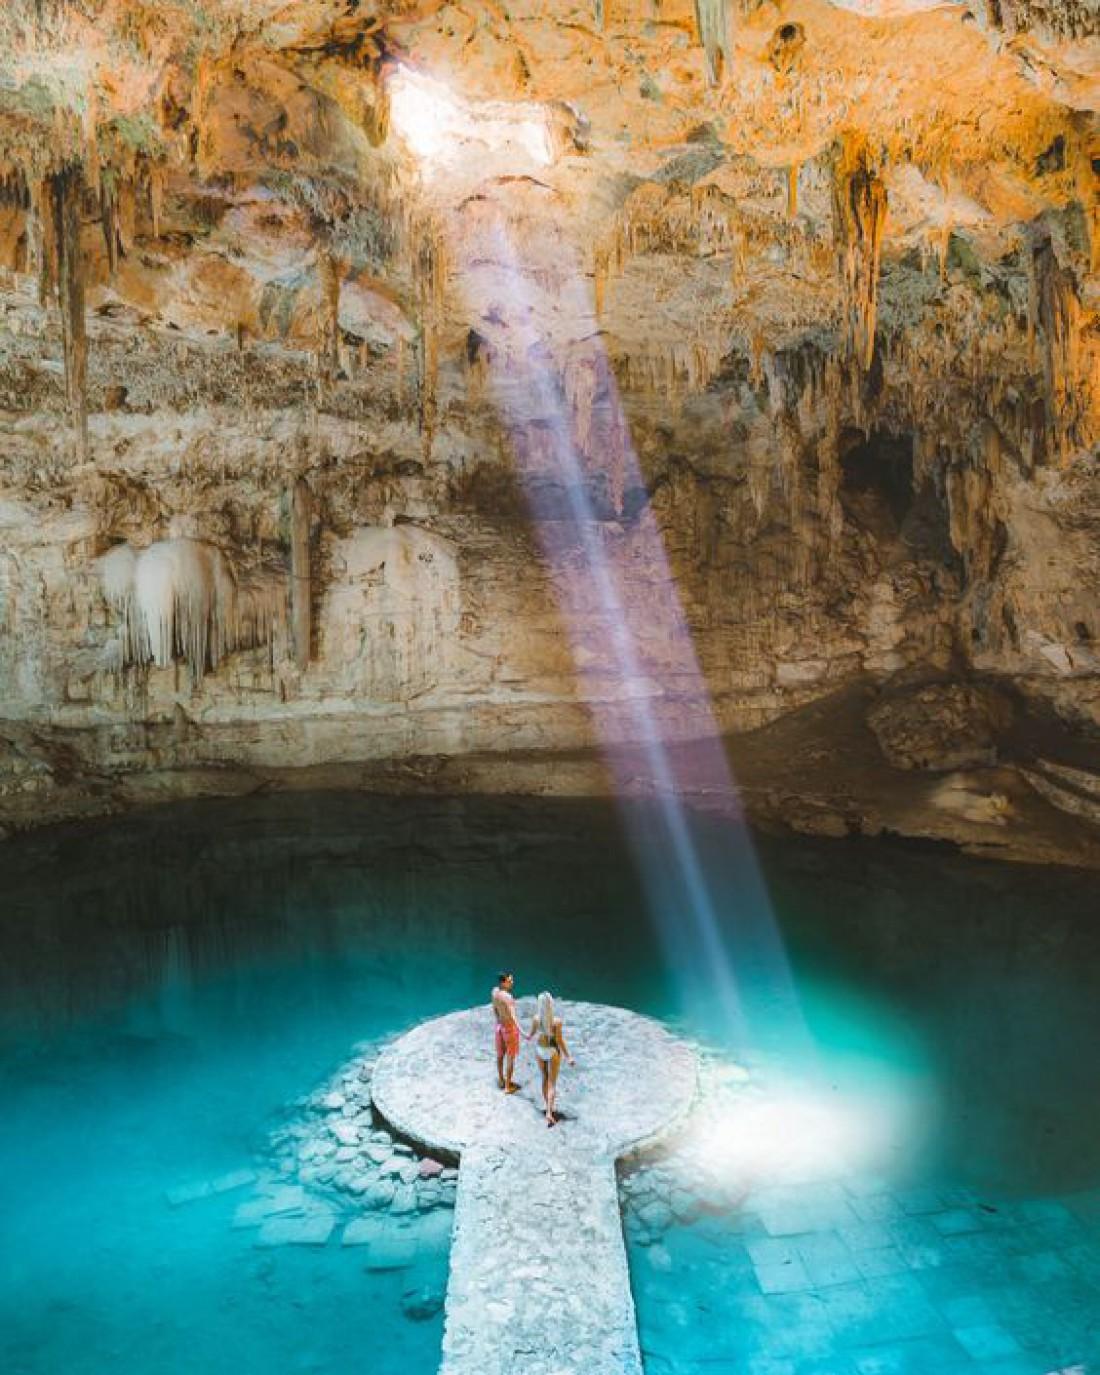 Канкун наполнен настоящим первобытным волшебством